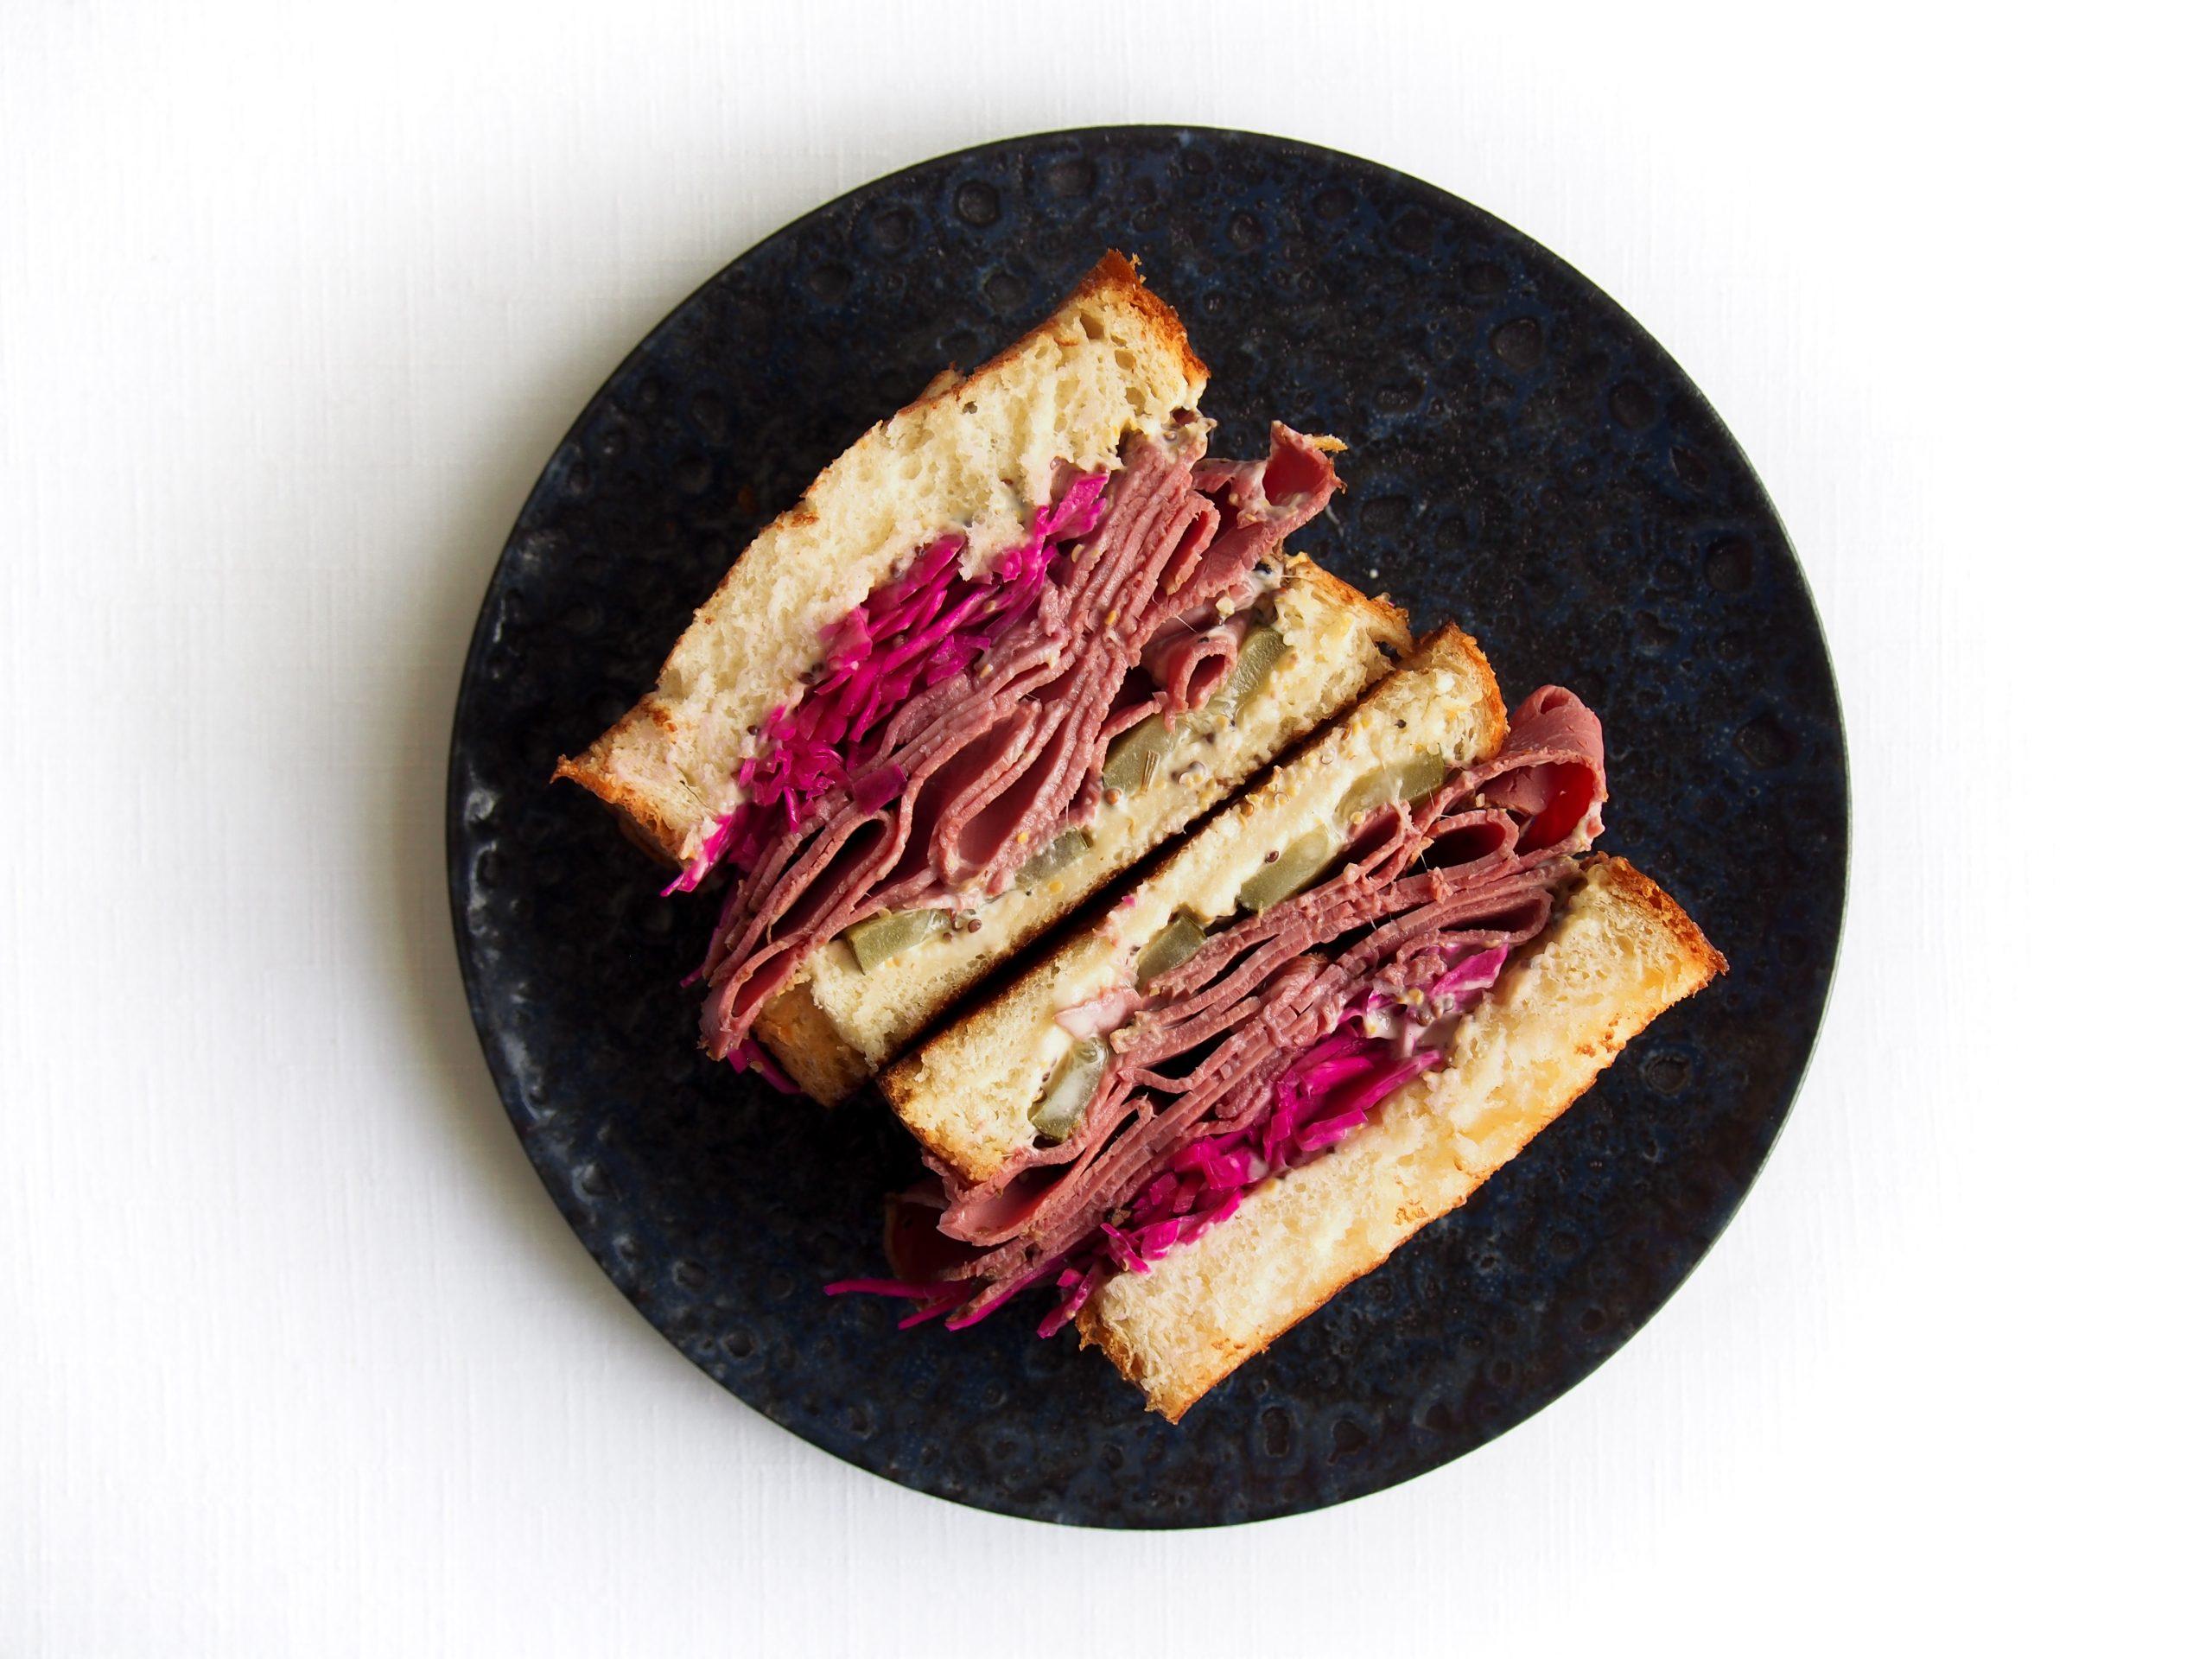 Sándwich de pastrami / Foto: Terzio